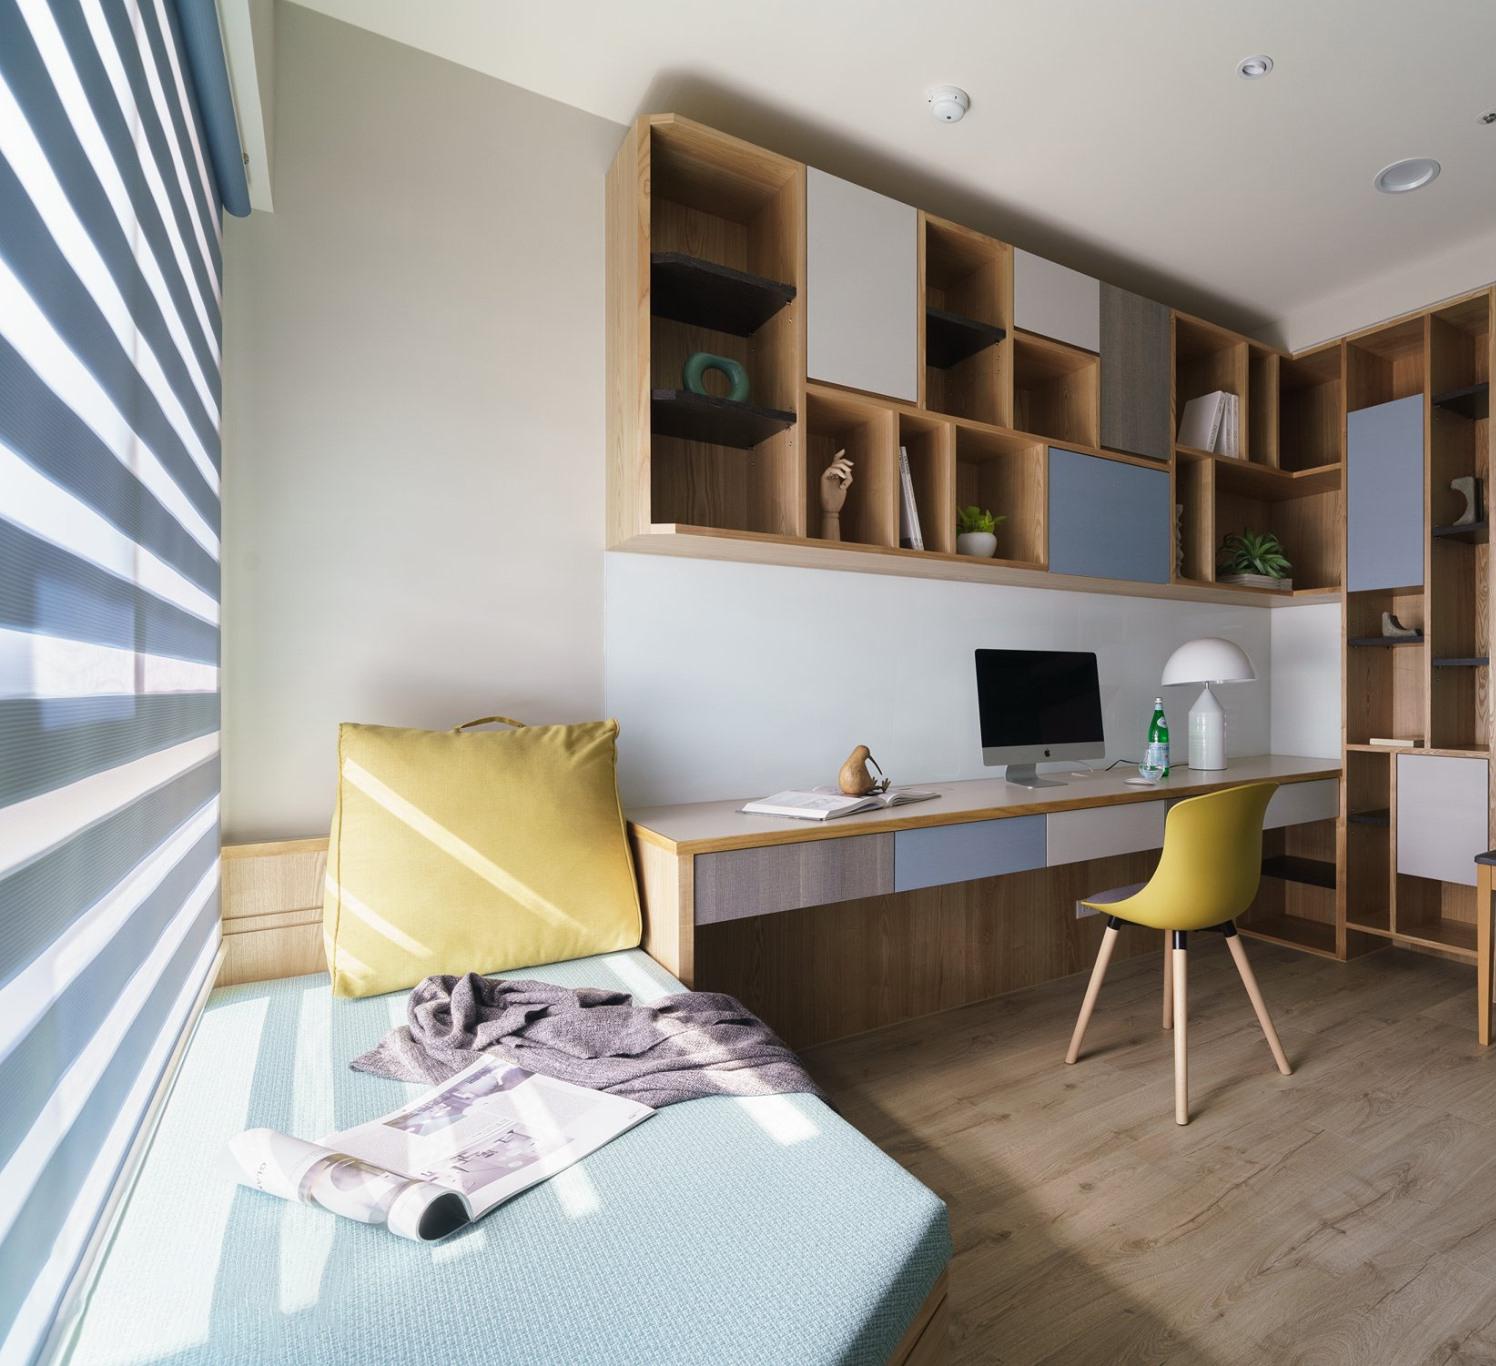 Kiến trúc sư tư vấn thiết kế căn hộ 50m² cho người trẻ độc thân với chi phí 134 triệu đồng - Ảnh 11.